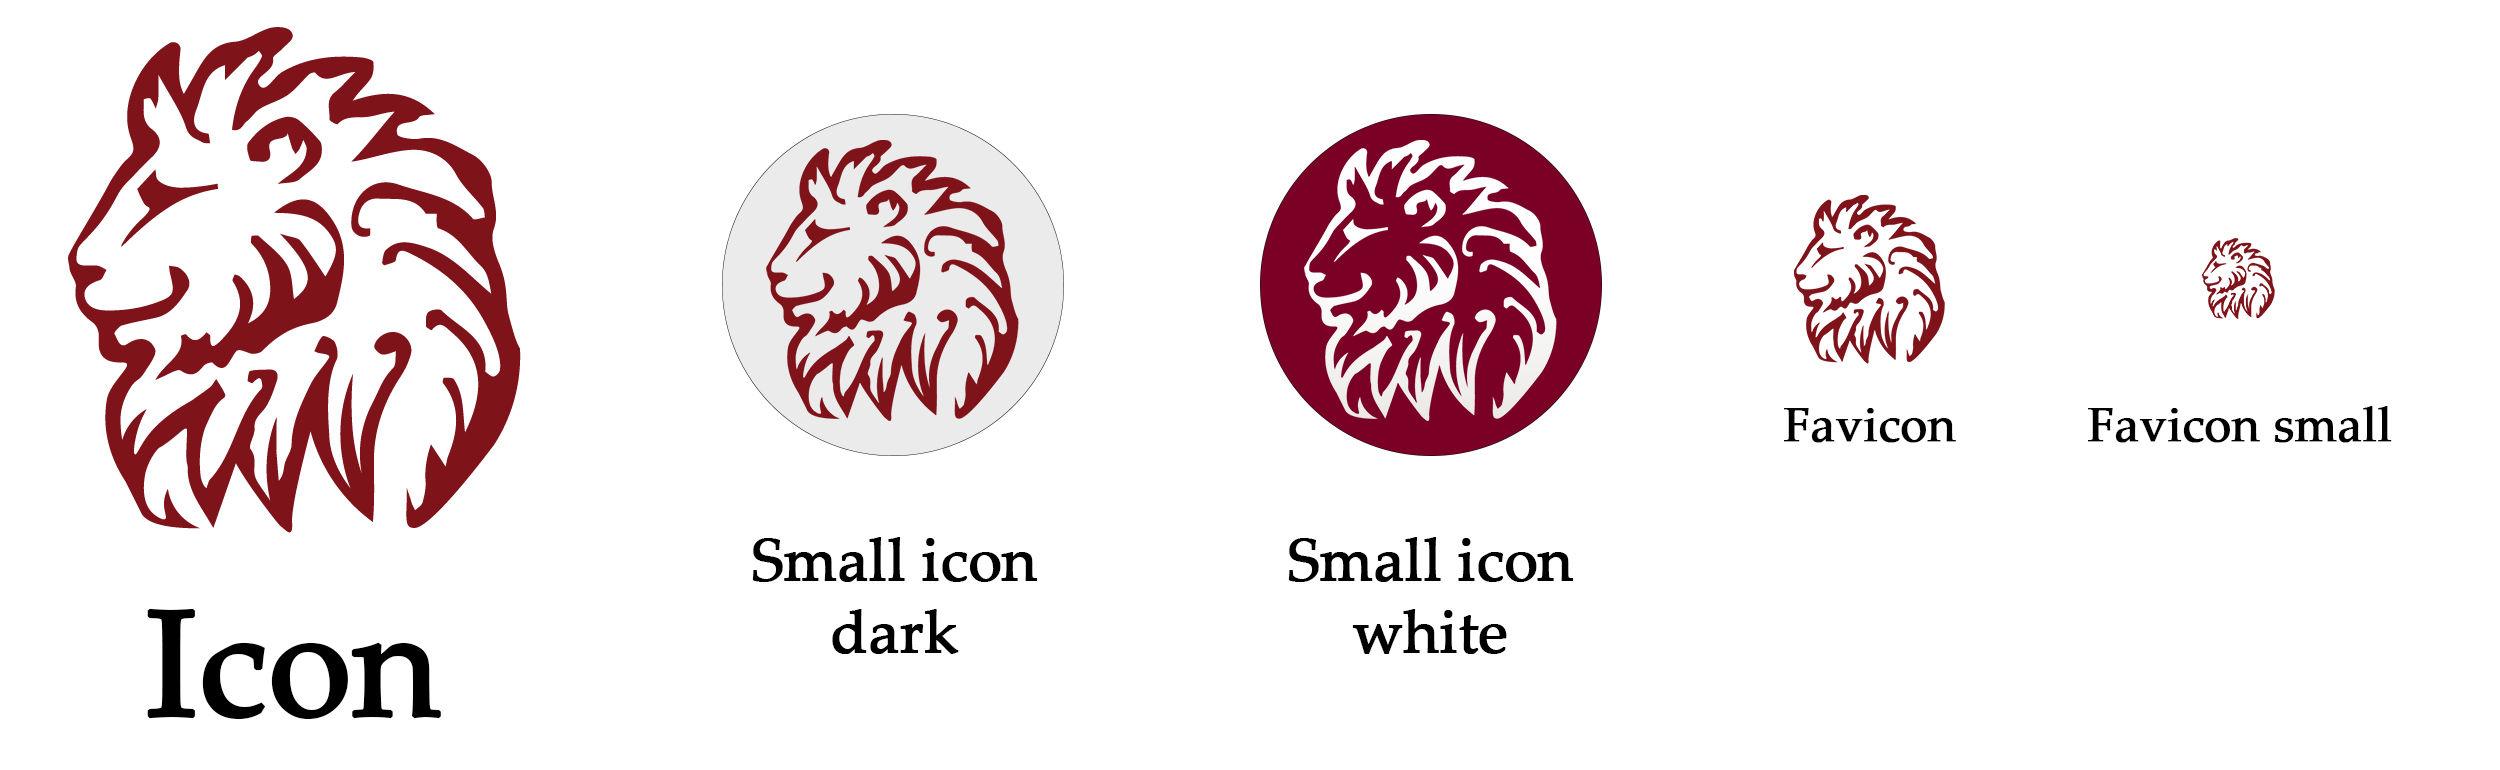 Villa Leoncin icons set